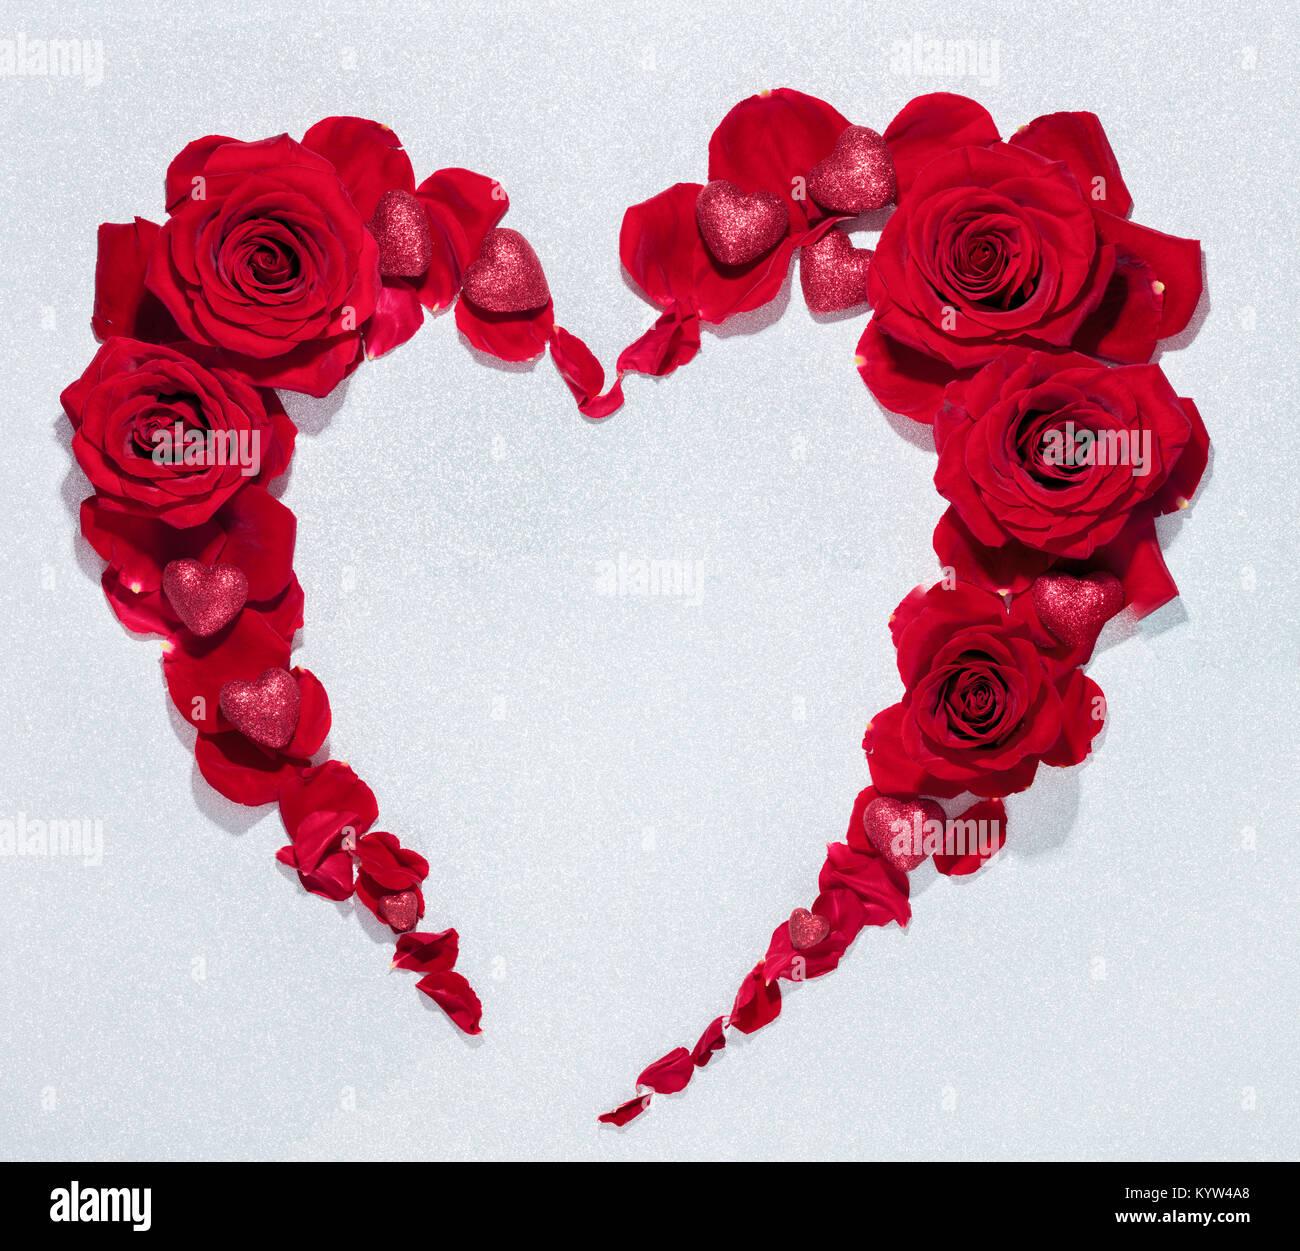 Mazzo Di Fiori A Forma Di Cuore.Red Rose Bouquet Di Fiori Forma Di Cuore Foto Immagine Stock